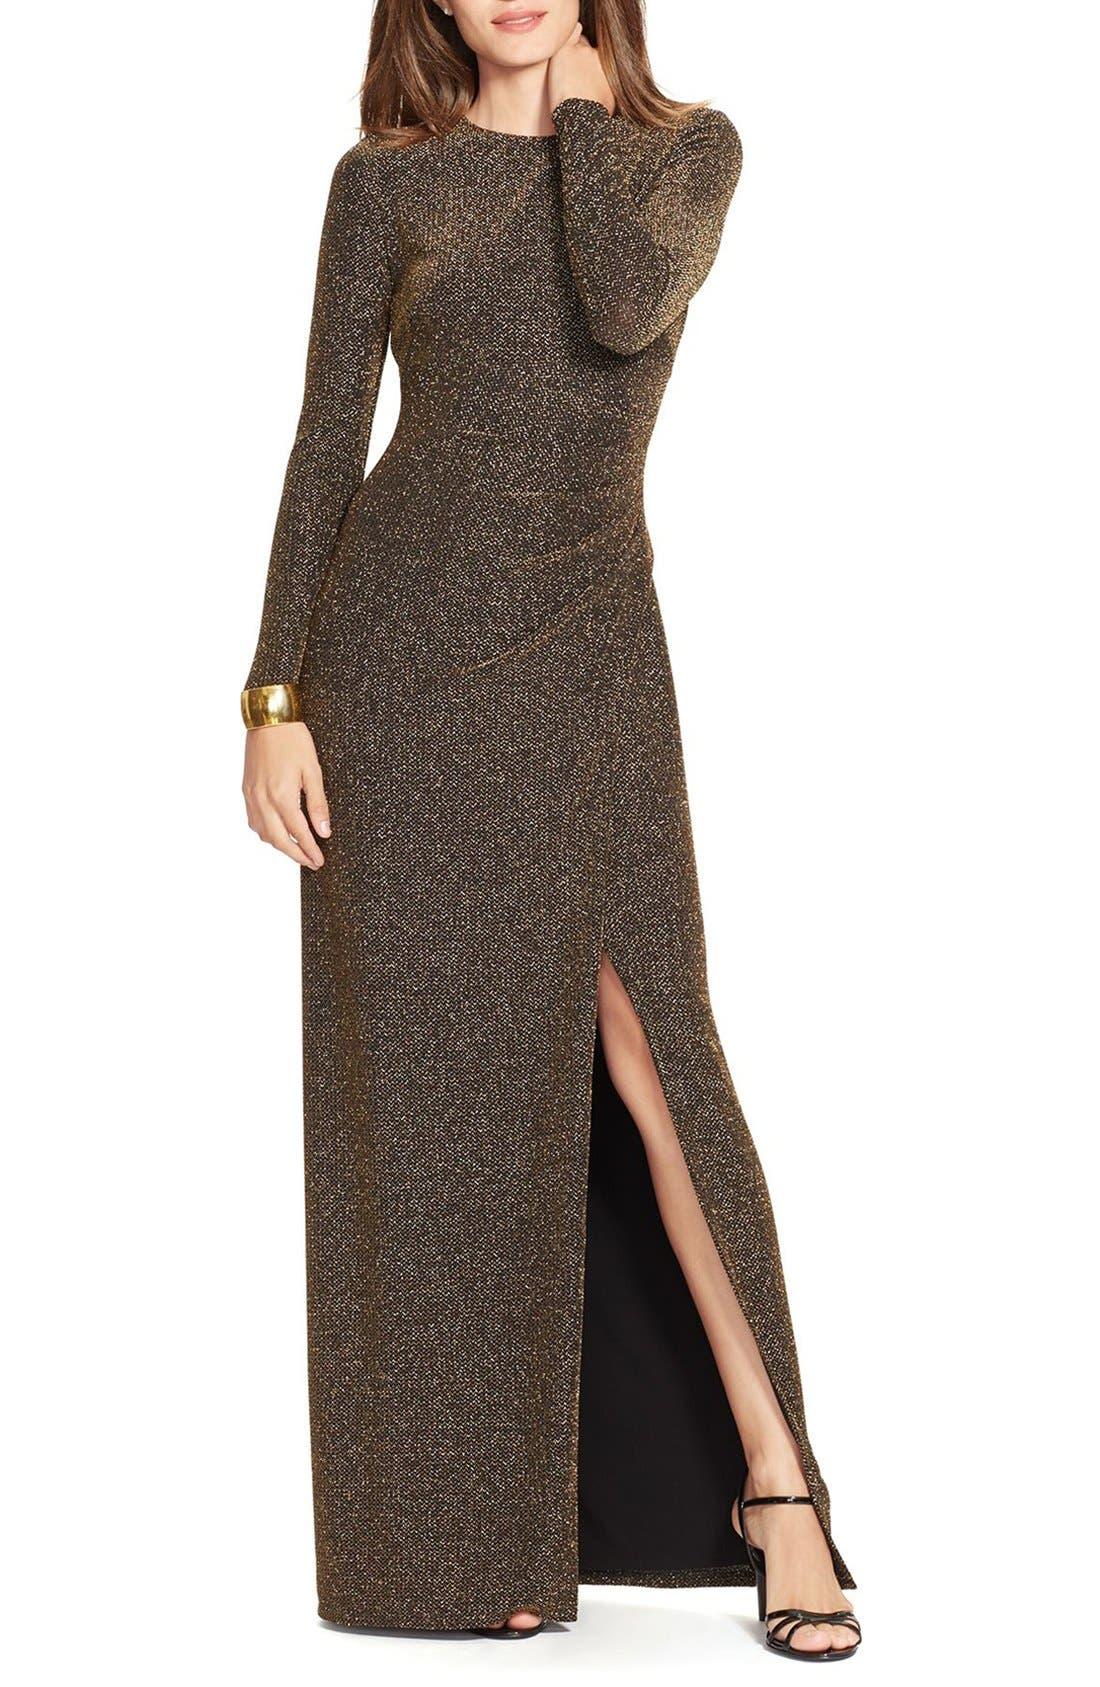 Alternate Image 1 Selected - Lauren Ralph Lauren Metallic Gown (Regular & Petite)